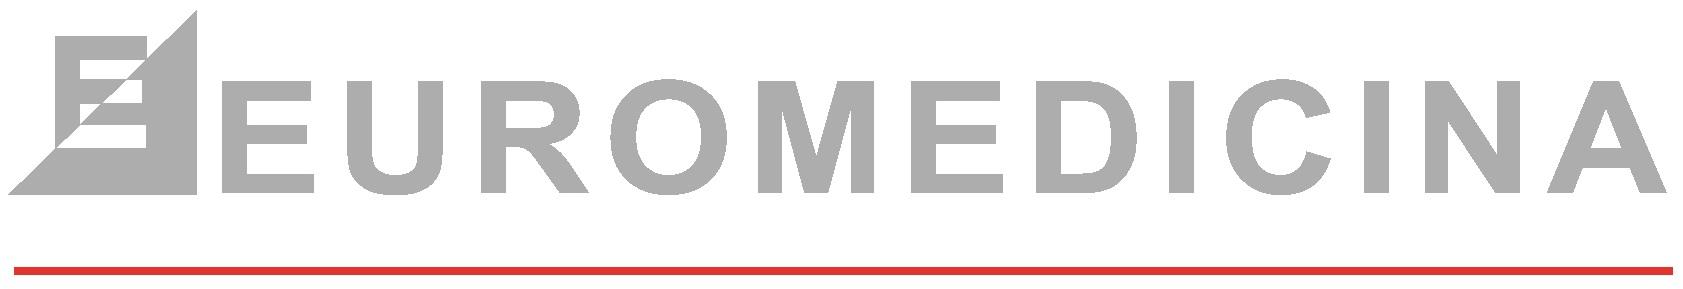 Euromedicina baner